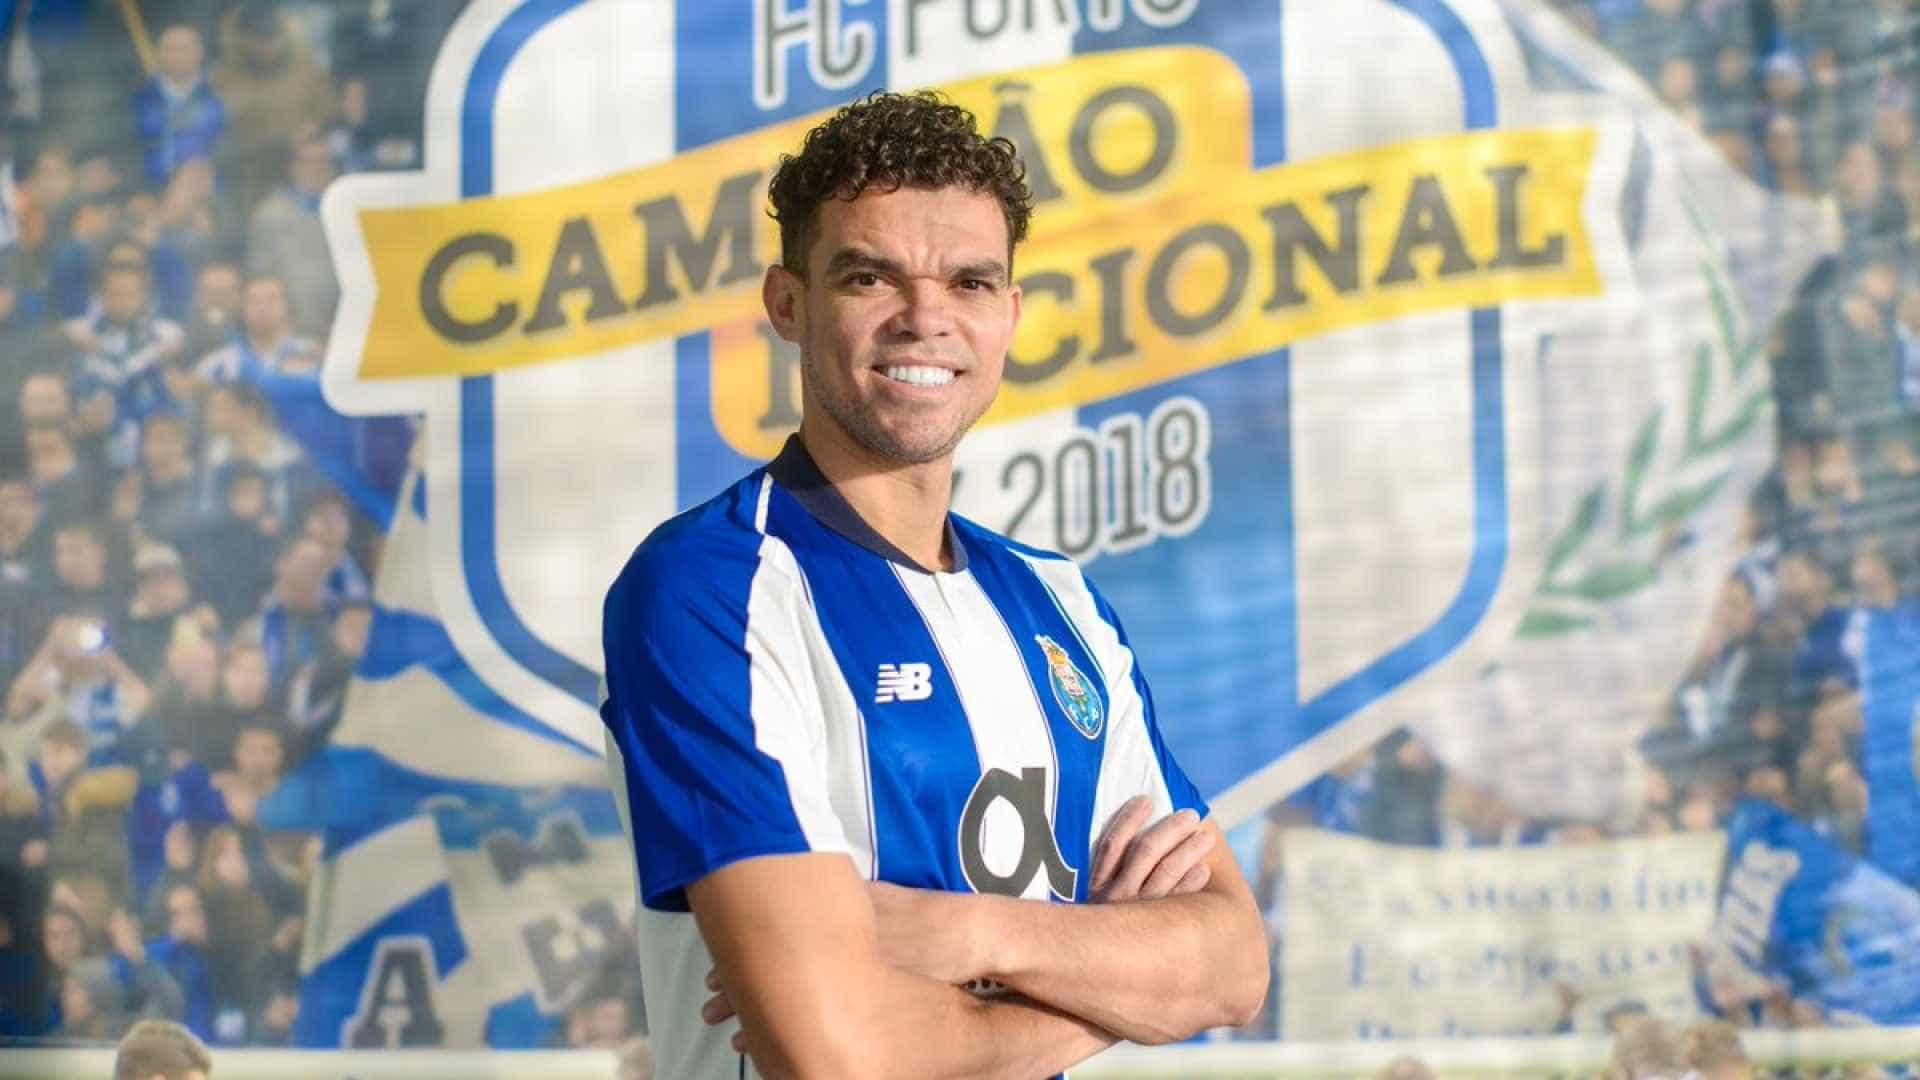 Porto anuncia retorno do zagueiro Pepe, que assina até 2021